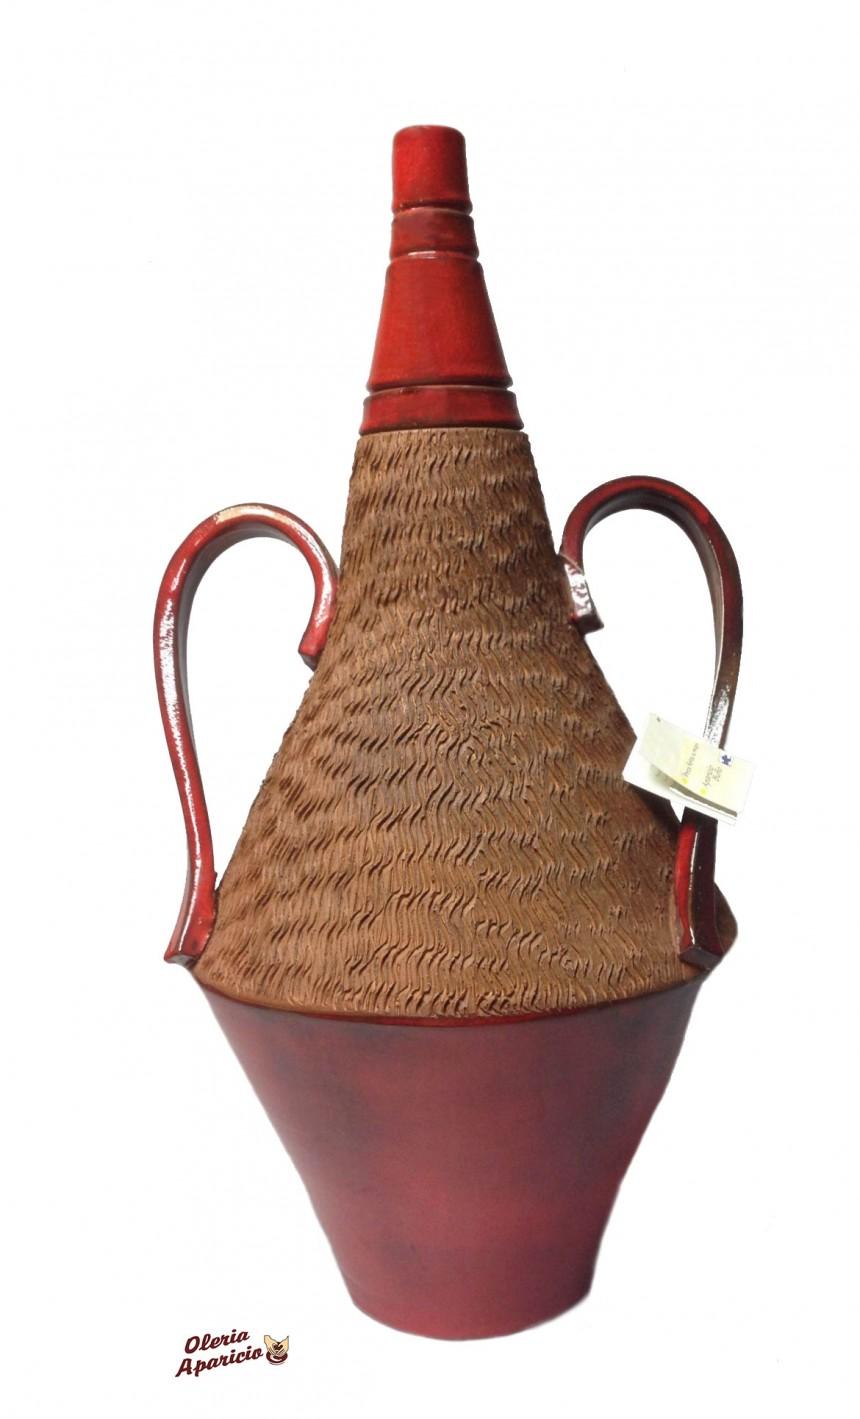 ánfora de cerámica artesanal